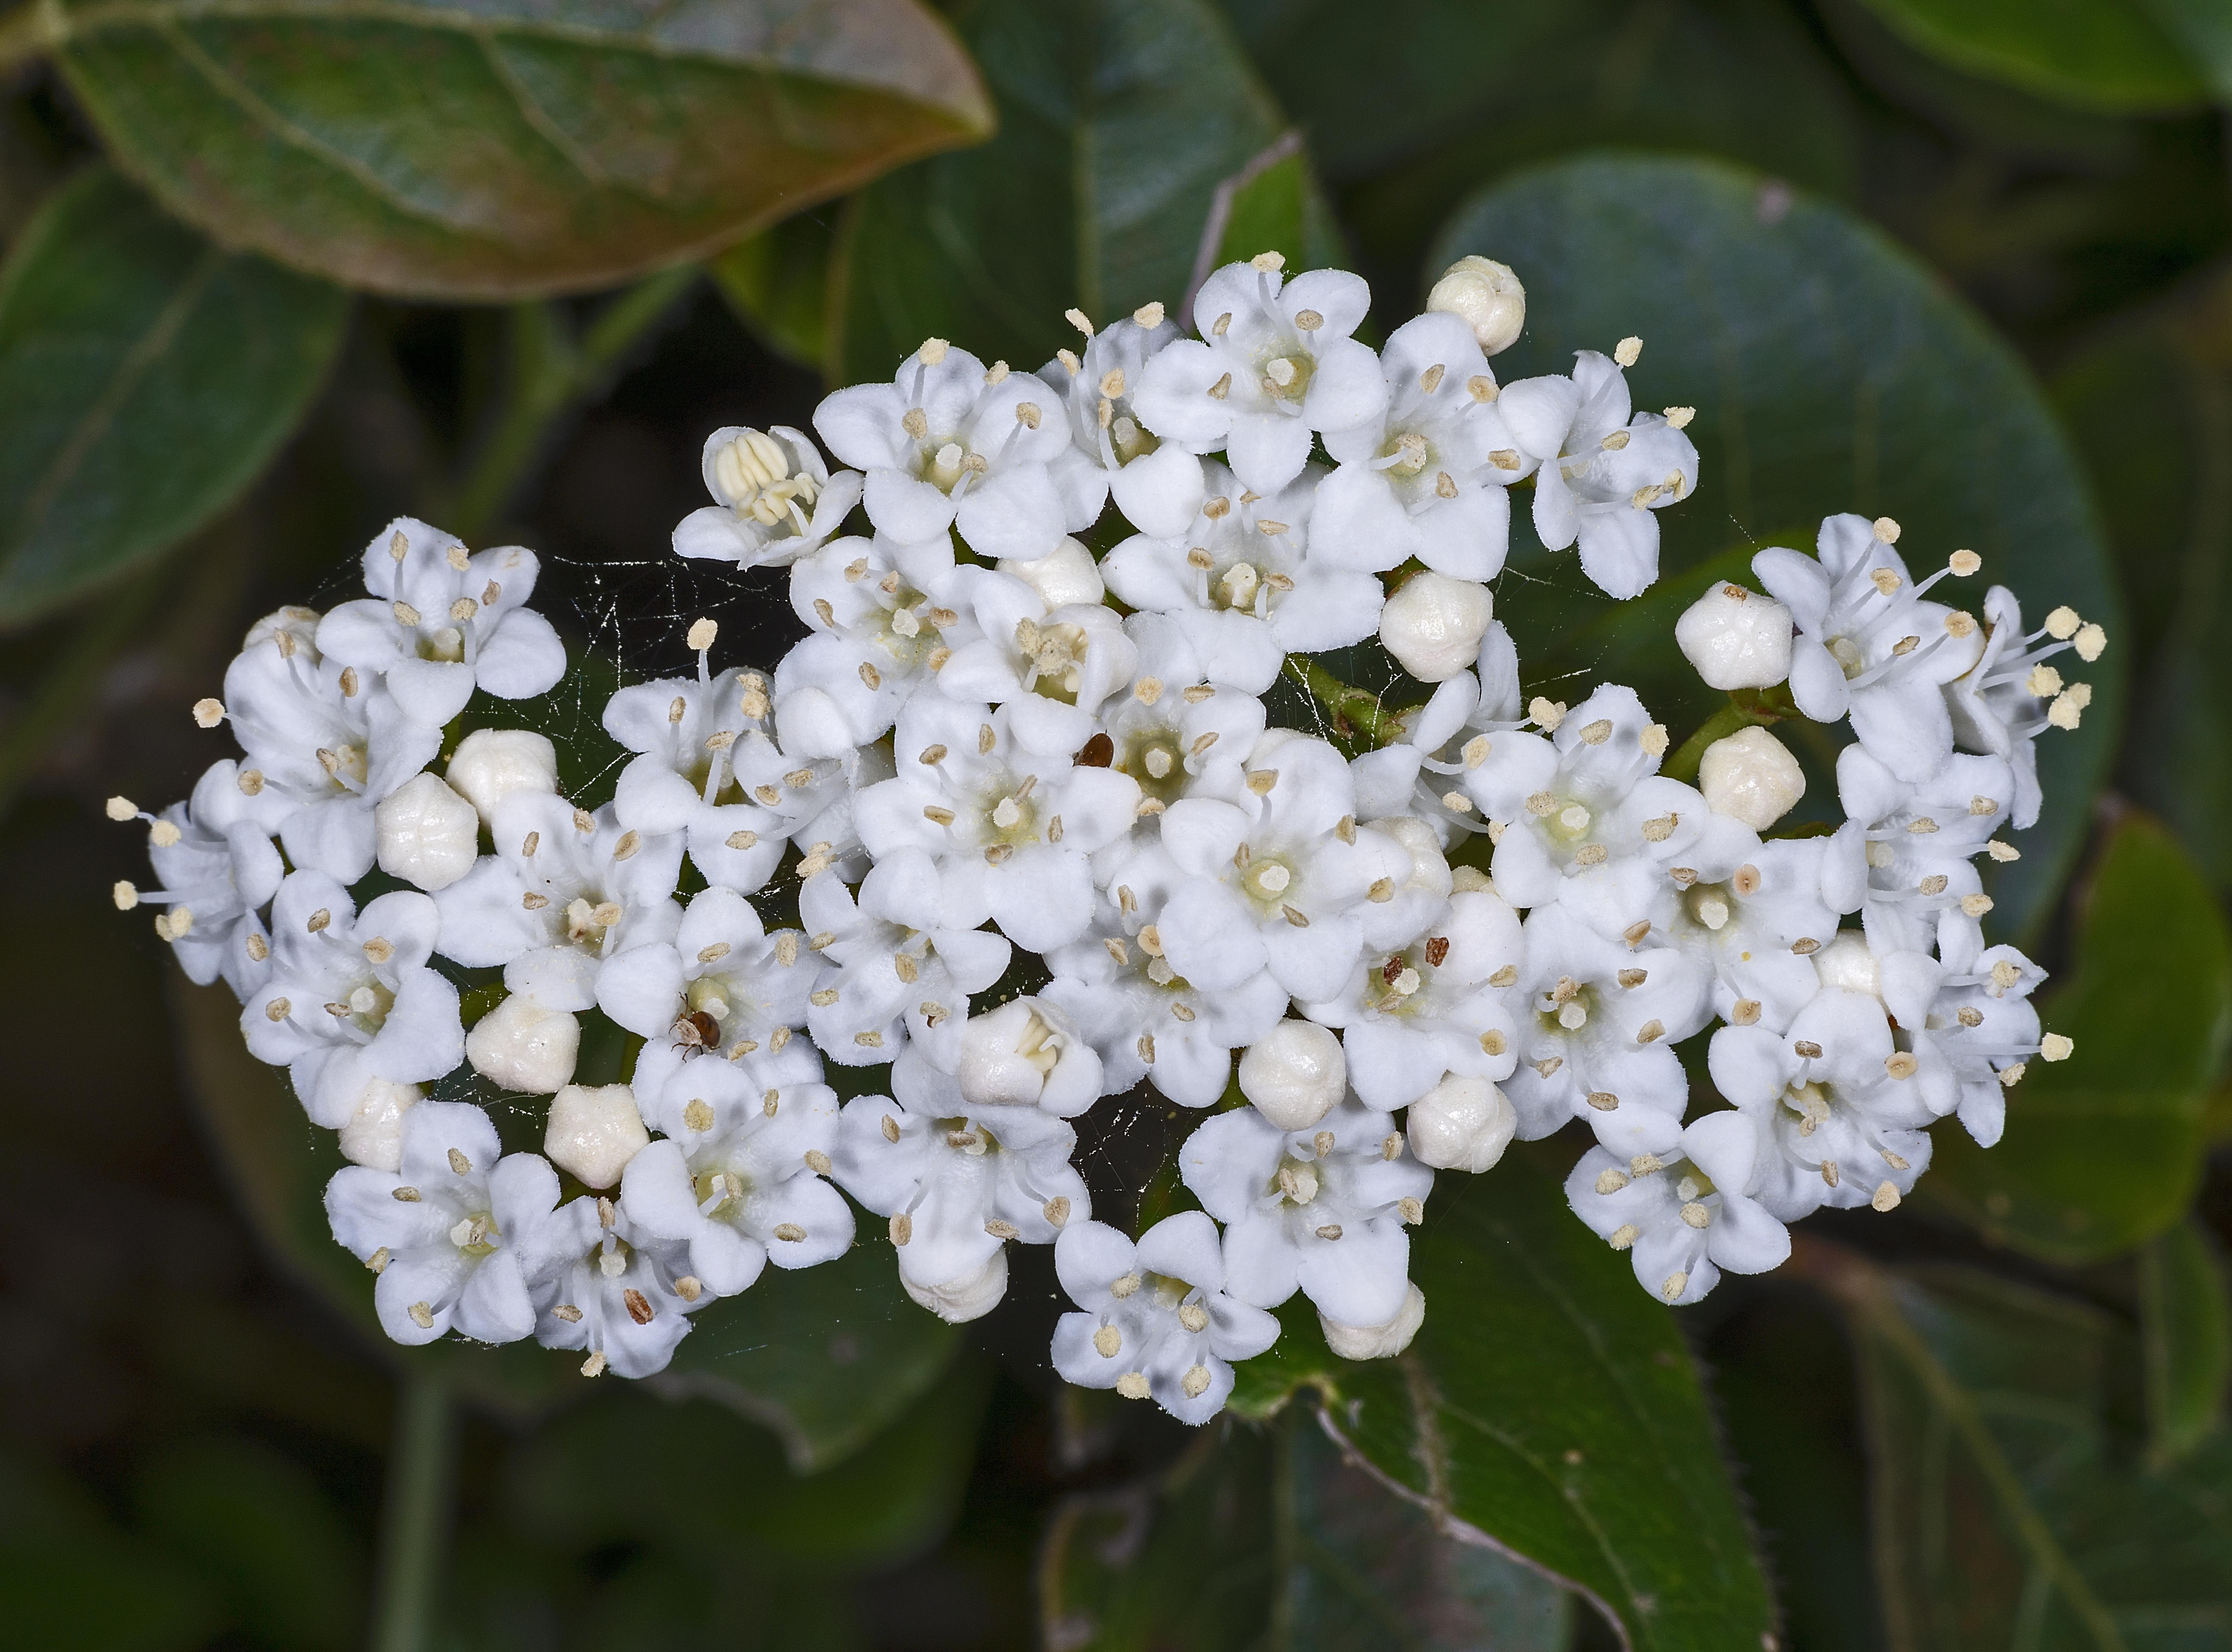 Taille Du Laurier Tin fichier:mhnt viburnum tinus — wikipédia